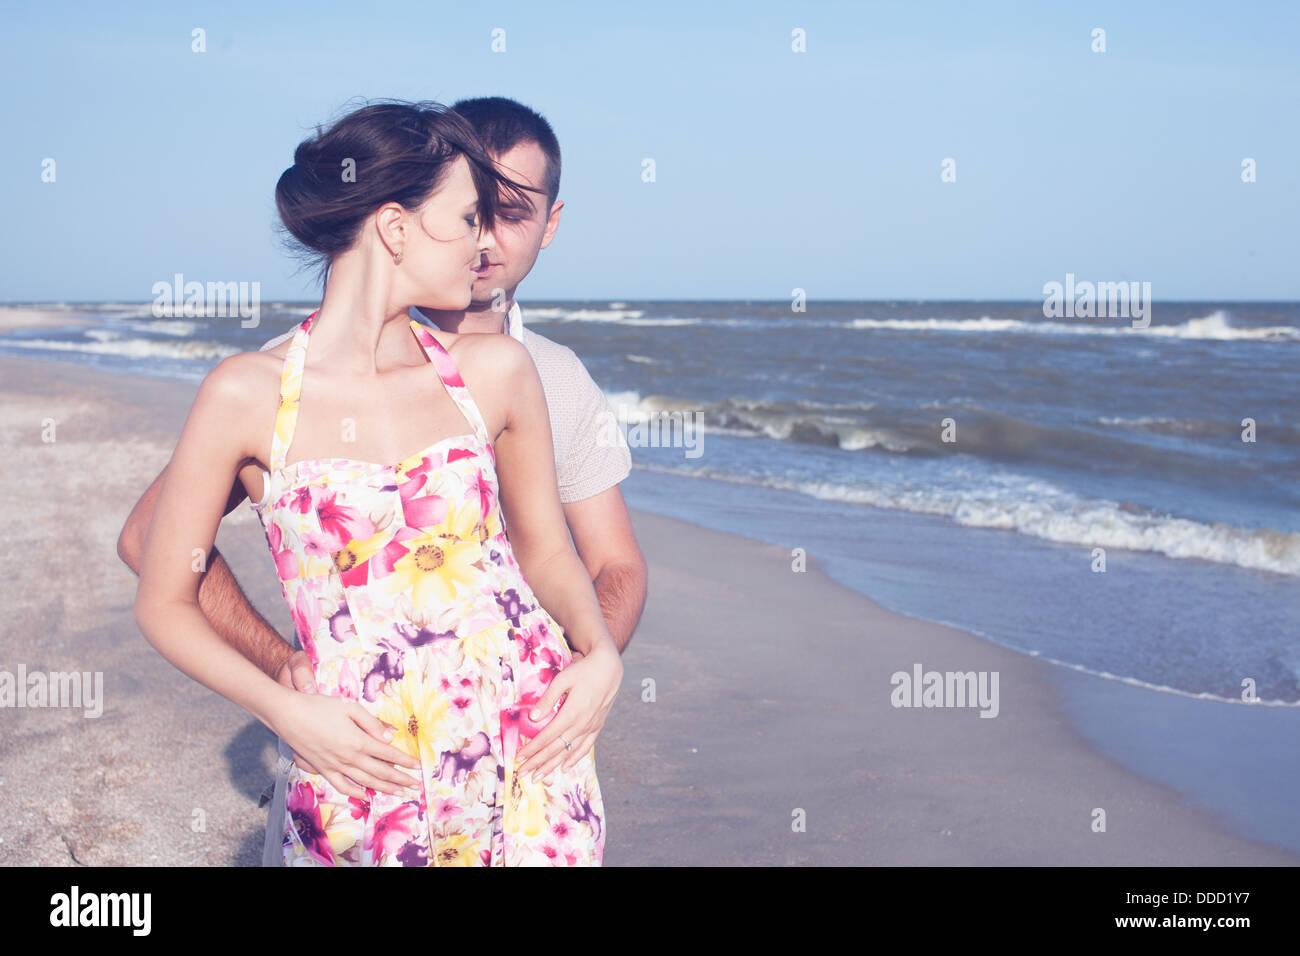 Leidenschaftliche Heterosexuelles Paar am Ufer des Meeres. Im freien Stockbild